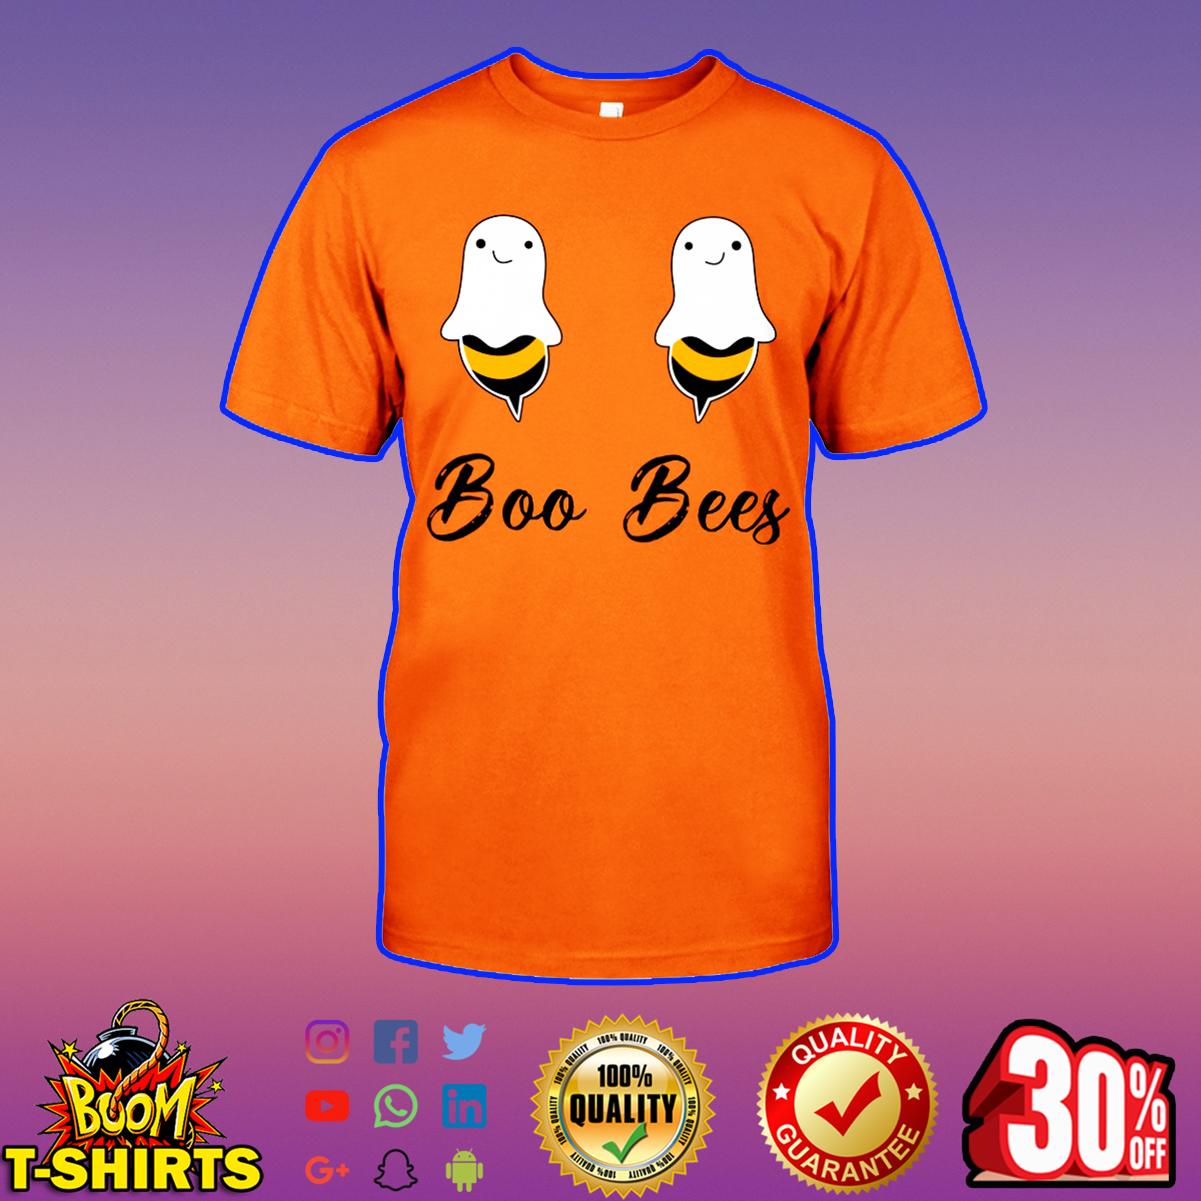 Boo bees shirt